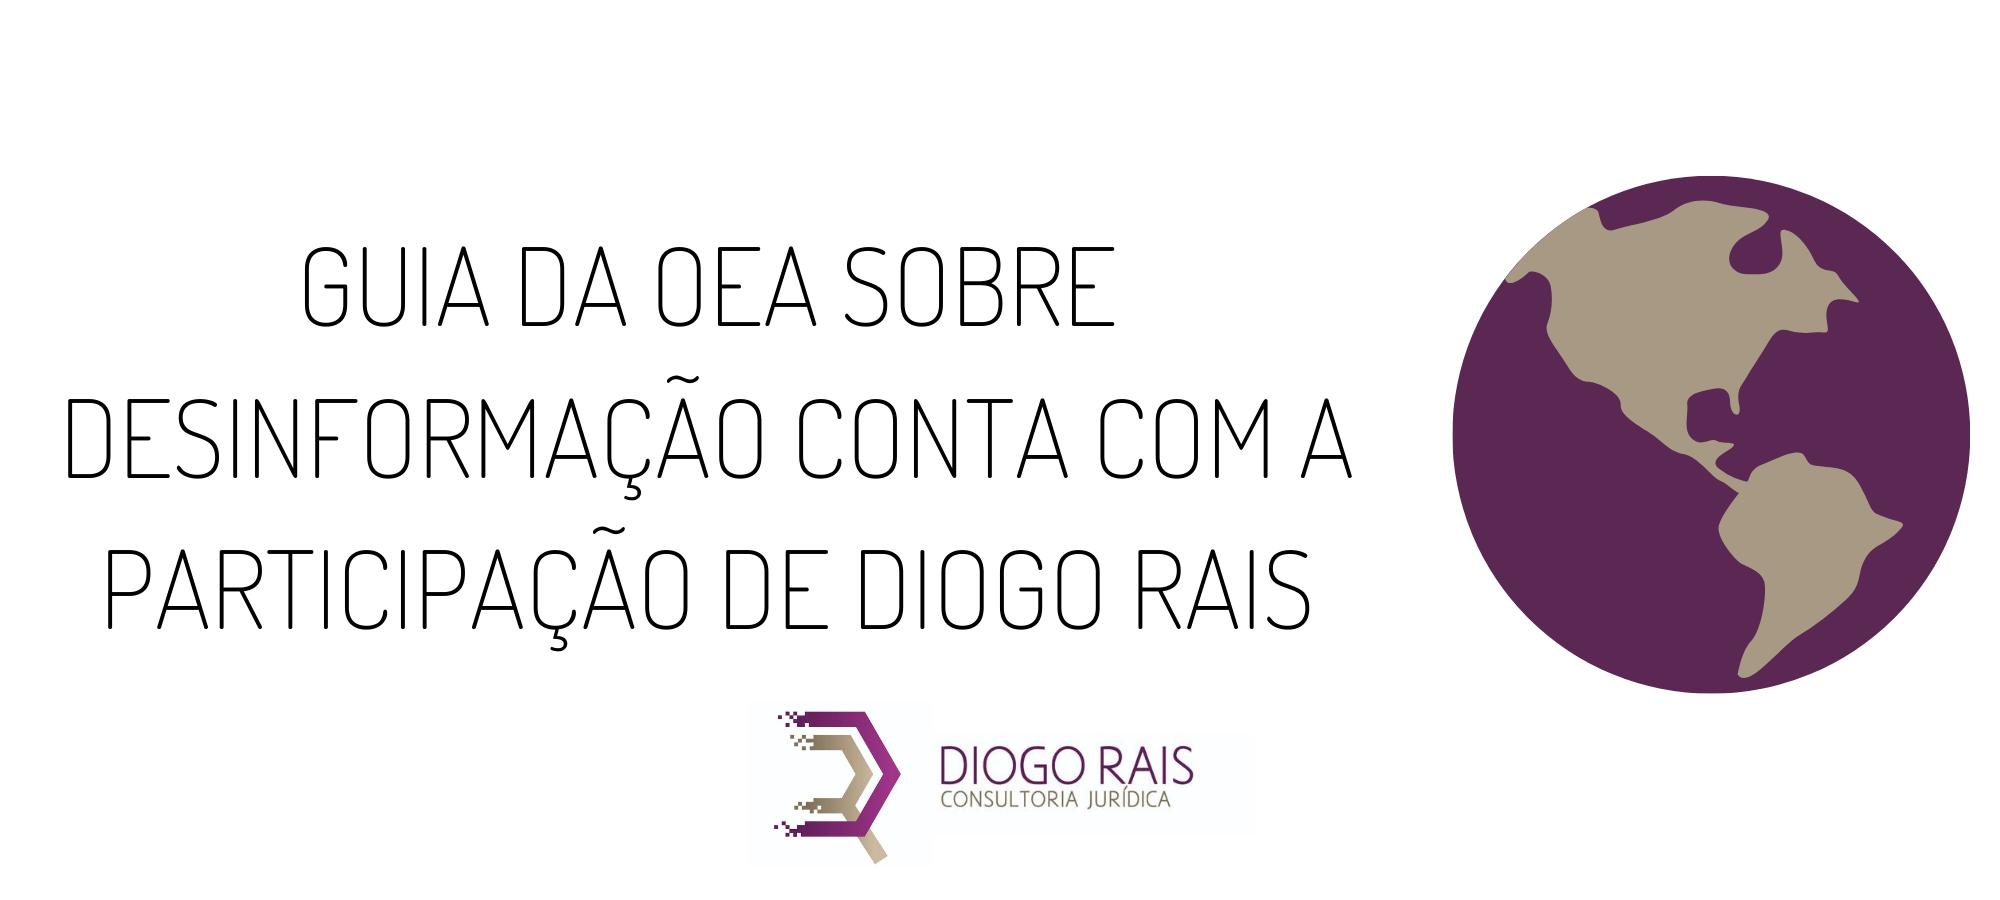 Capa de Guia da OEA sobre desinformação conta com a colaboração de Diogo Rais